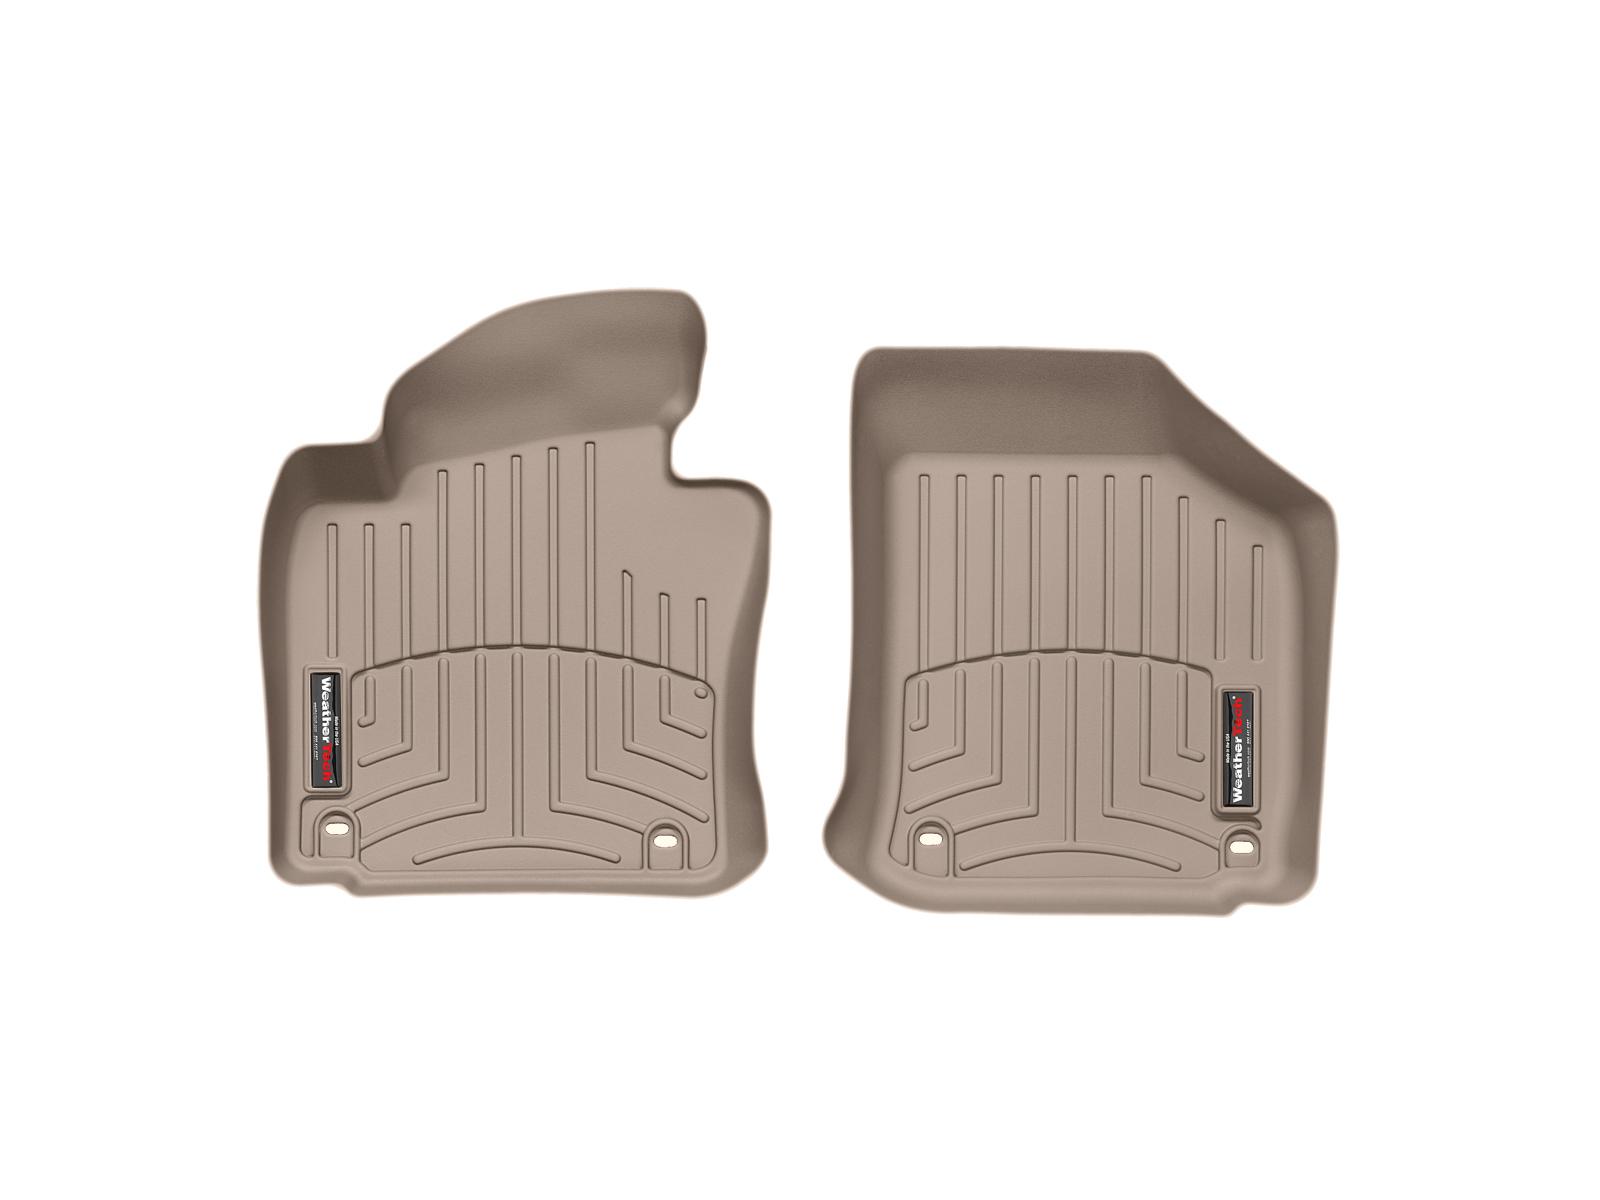 Tappeti gomma su misura bordo alto Volkswagen Golf GT 05>09 Marrone A4074*